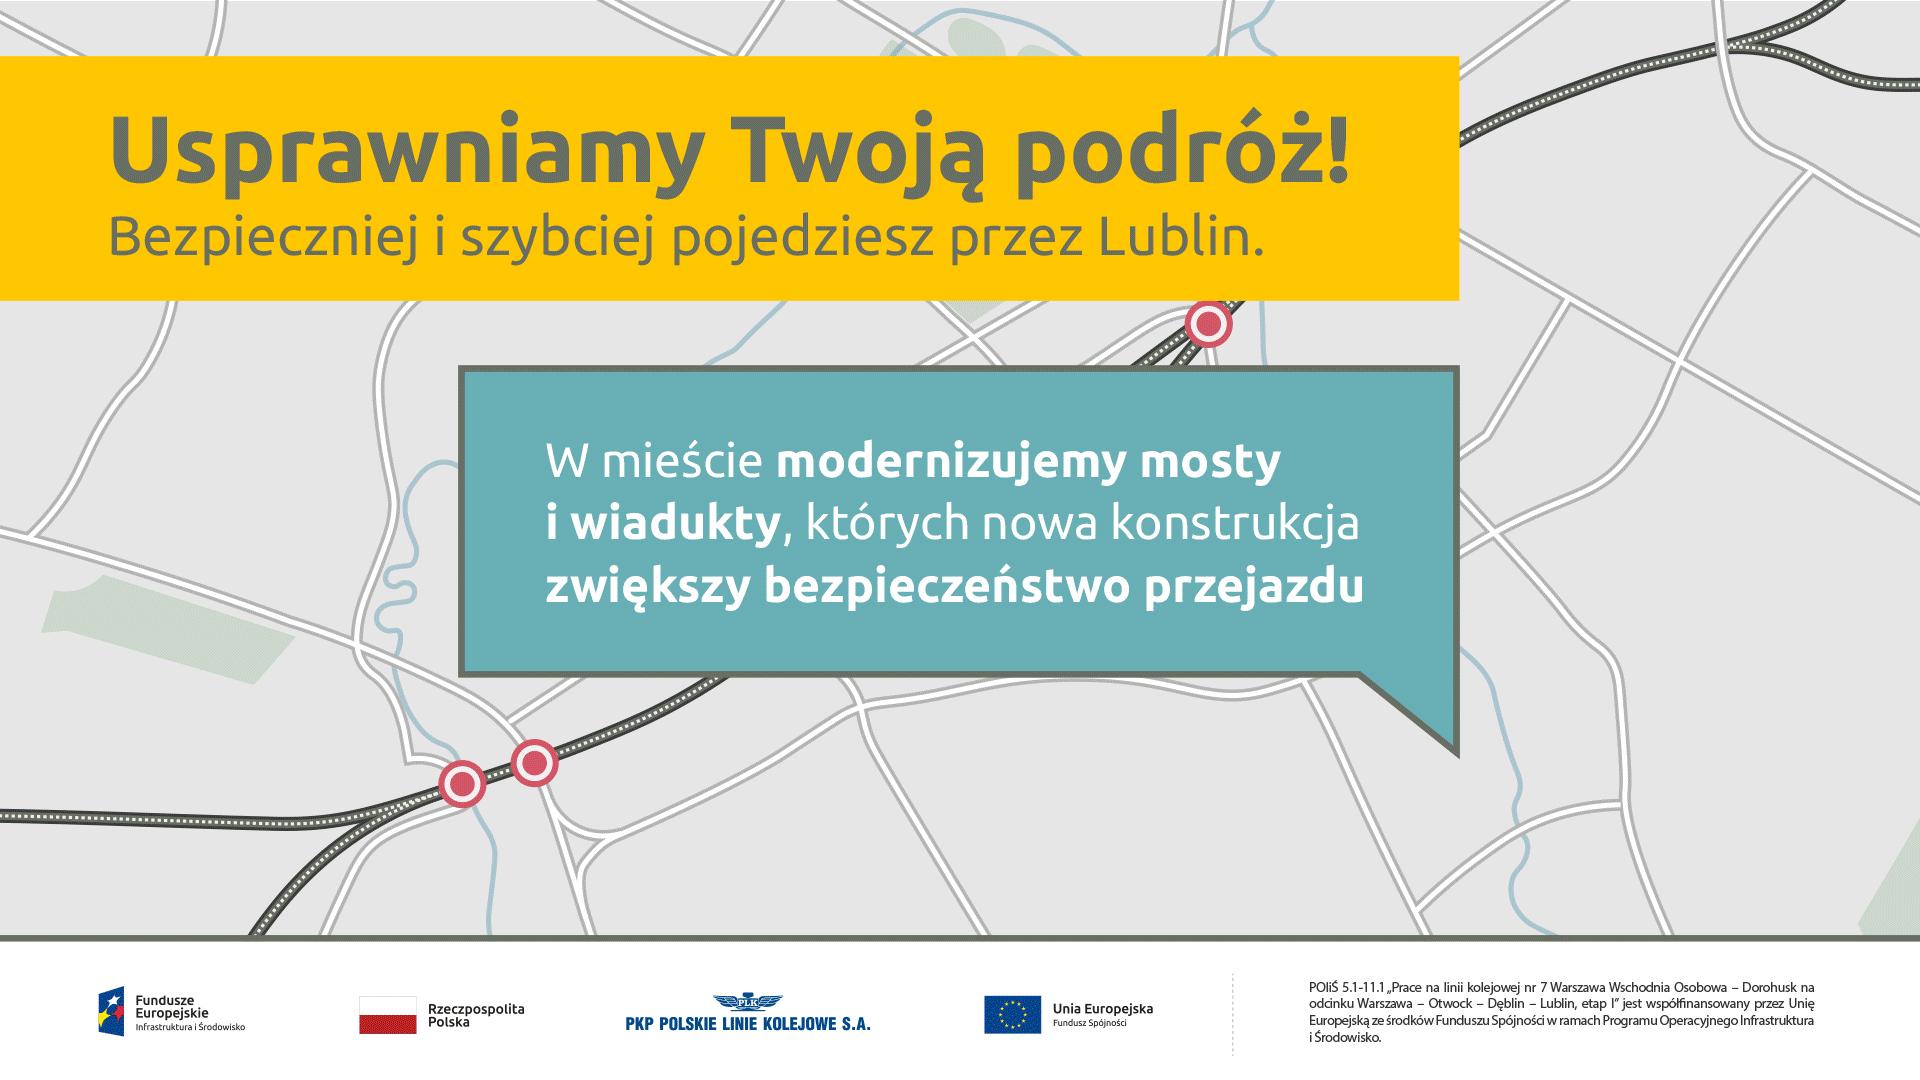 Na tle mapy Lublina pojawia się plansza z napisem: Usprawniamy Twoją podróż! Bezpieczniej i szybciej pojedziesz przez Lublin. W mieście modernizujemy mosty i wiadukty, których nowa konstrukcja zwiększy bezpieczeństwo przejazdu. Kolejno na tle mapy Lublina zaznaczają obiekty inżynieryjne – mosty i wiadukty, które są w trakcie modernizacji wraz ze zdjęciami obrazującymi trwające prace na obiekcie: - wiadukt ul. Janowska / most kolejowy rzeka Bystrzyca Ustrój nośny został wybetonowany. Trwa zabezpieczanie konstrukcji. - wiadukt kolejowy ul. Diamentowa Trwa zbrojenie i betonowanie ustroju nośnego - most kolejowy rzeka Czerniejówka Trwają przygotowania do betonowania - wiadukt kolejowy ul. Męczenników Majdanka Trwa zbrojenie obiektu Pojawia się plansza końcowa z napisem: Po nowych obiektach pociągi przejadą szybciej. bezpieczniej.